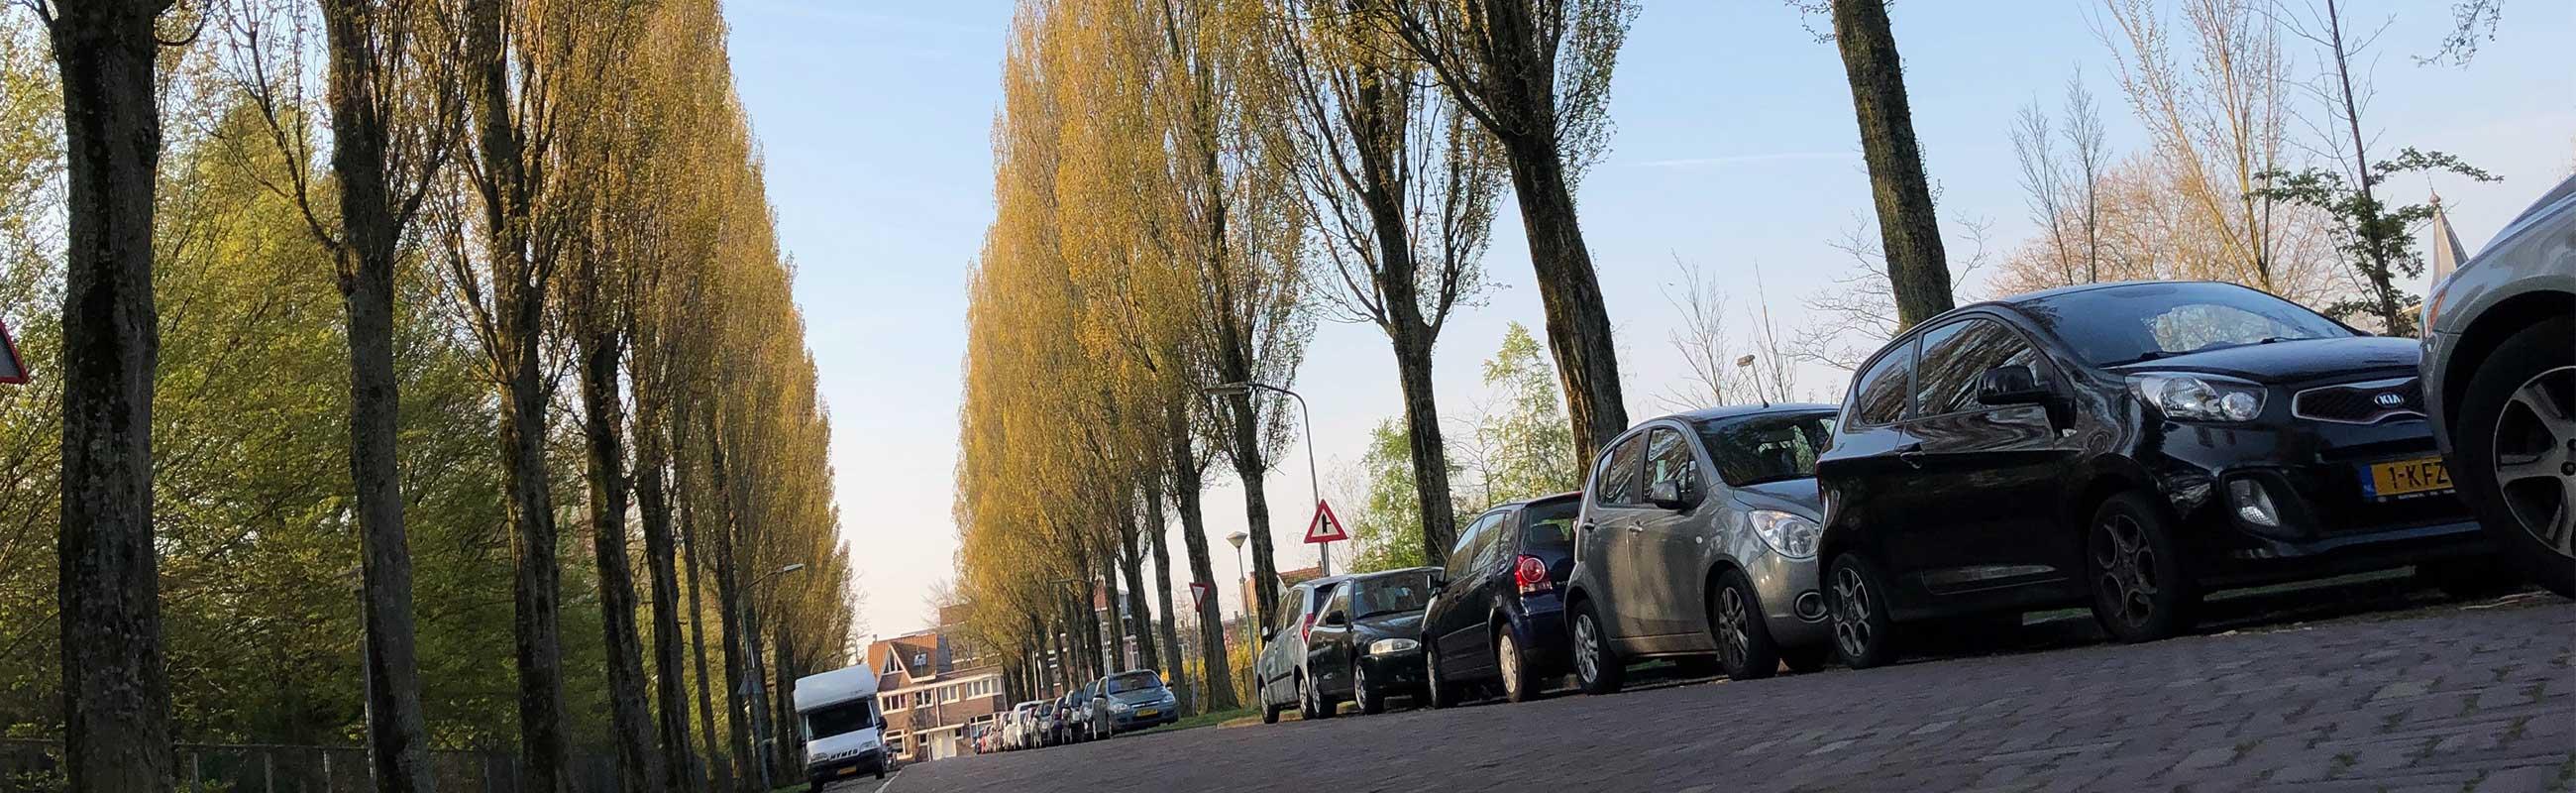 De weektuinbuurt wonen in het Ter Kleefkwartier in Haarlem Noord.